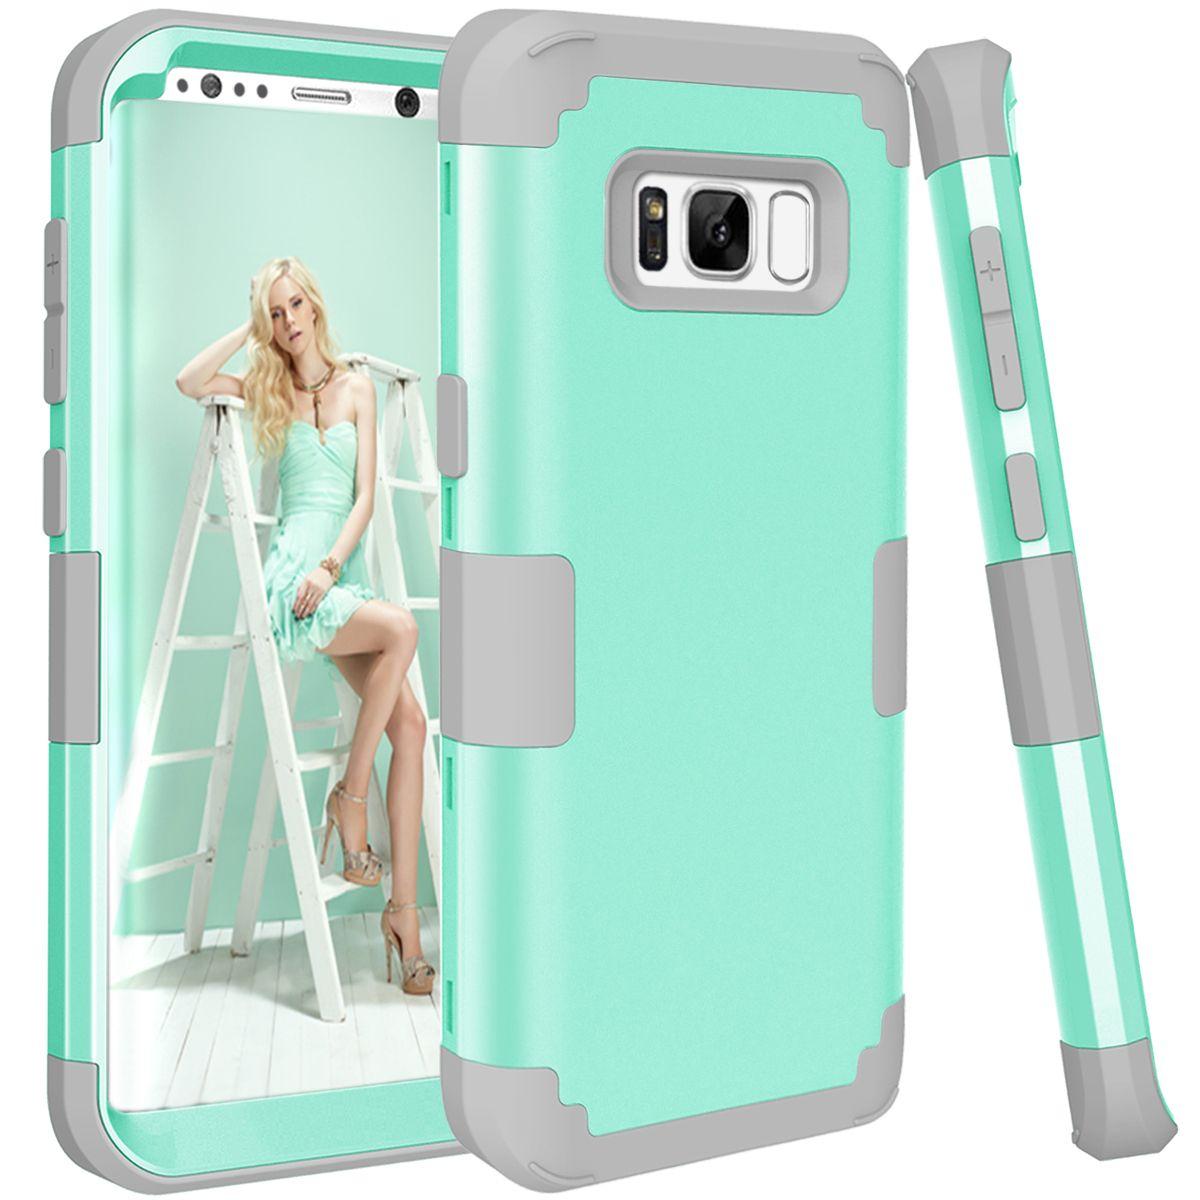 Противоударный Телефонные Чехлы для Samsung Galaxy S8, PC + TPU 3 слоев Hybrid Full-Средства ухода за кожей Защитите чехол для Galaxy S8 антидетонационных телефо...